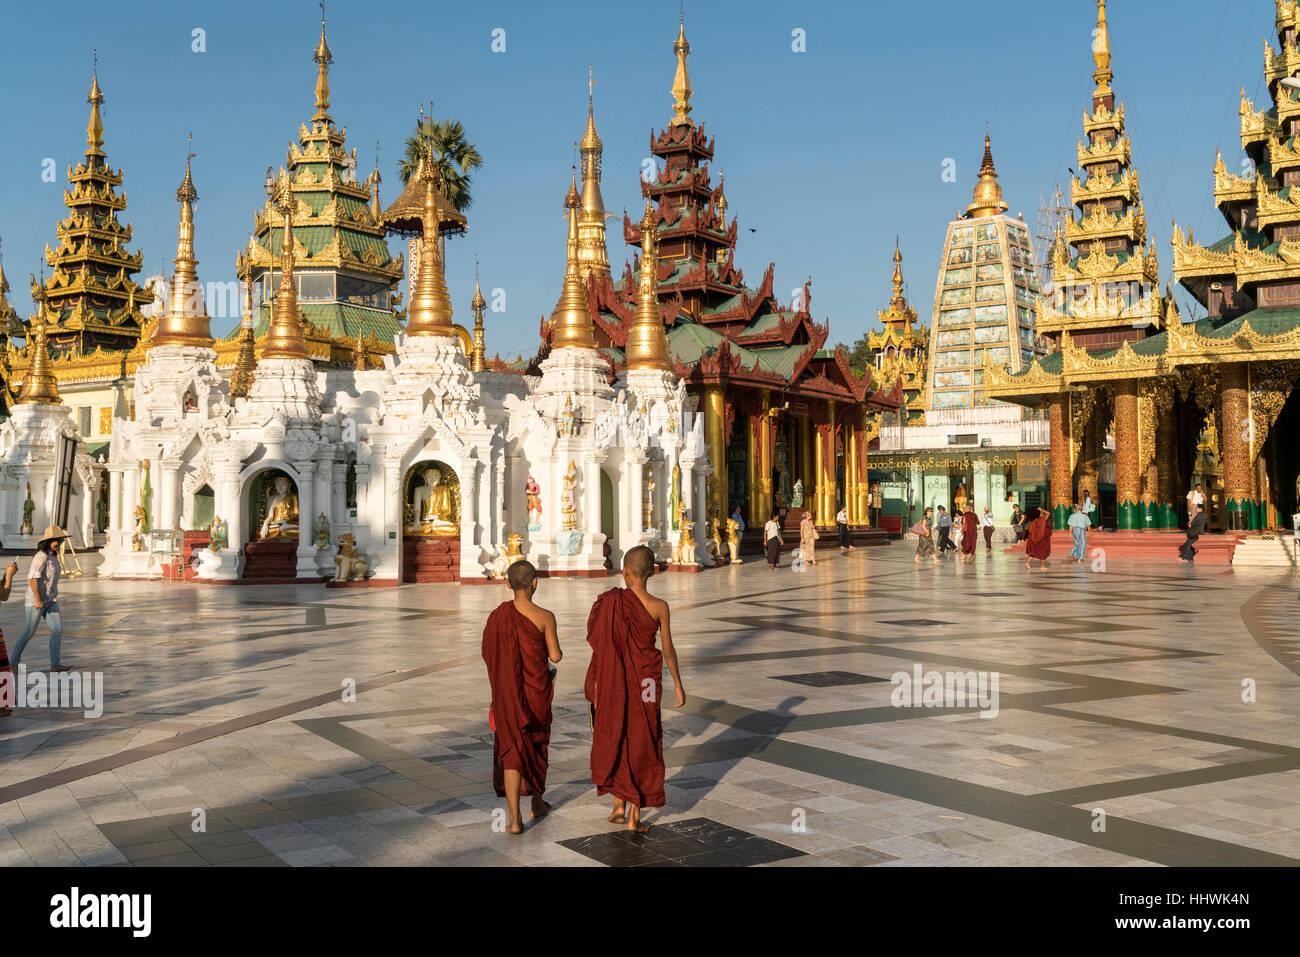 Mönche vor Shwedagon Zedi Daw, Shwedagon-Pagode, Yangon, Myanmar Stockbild